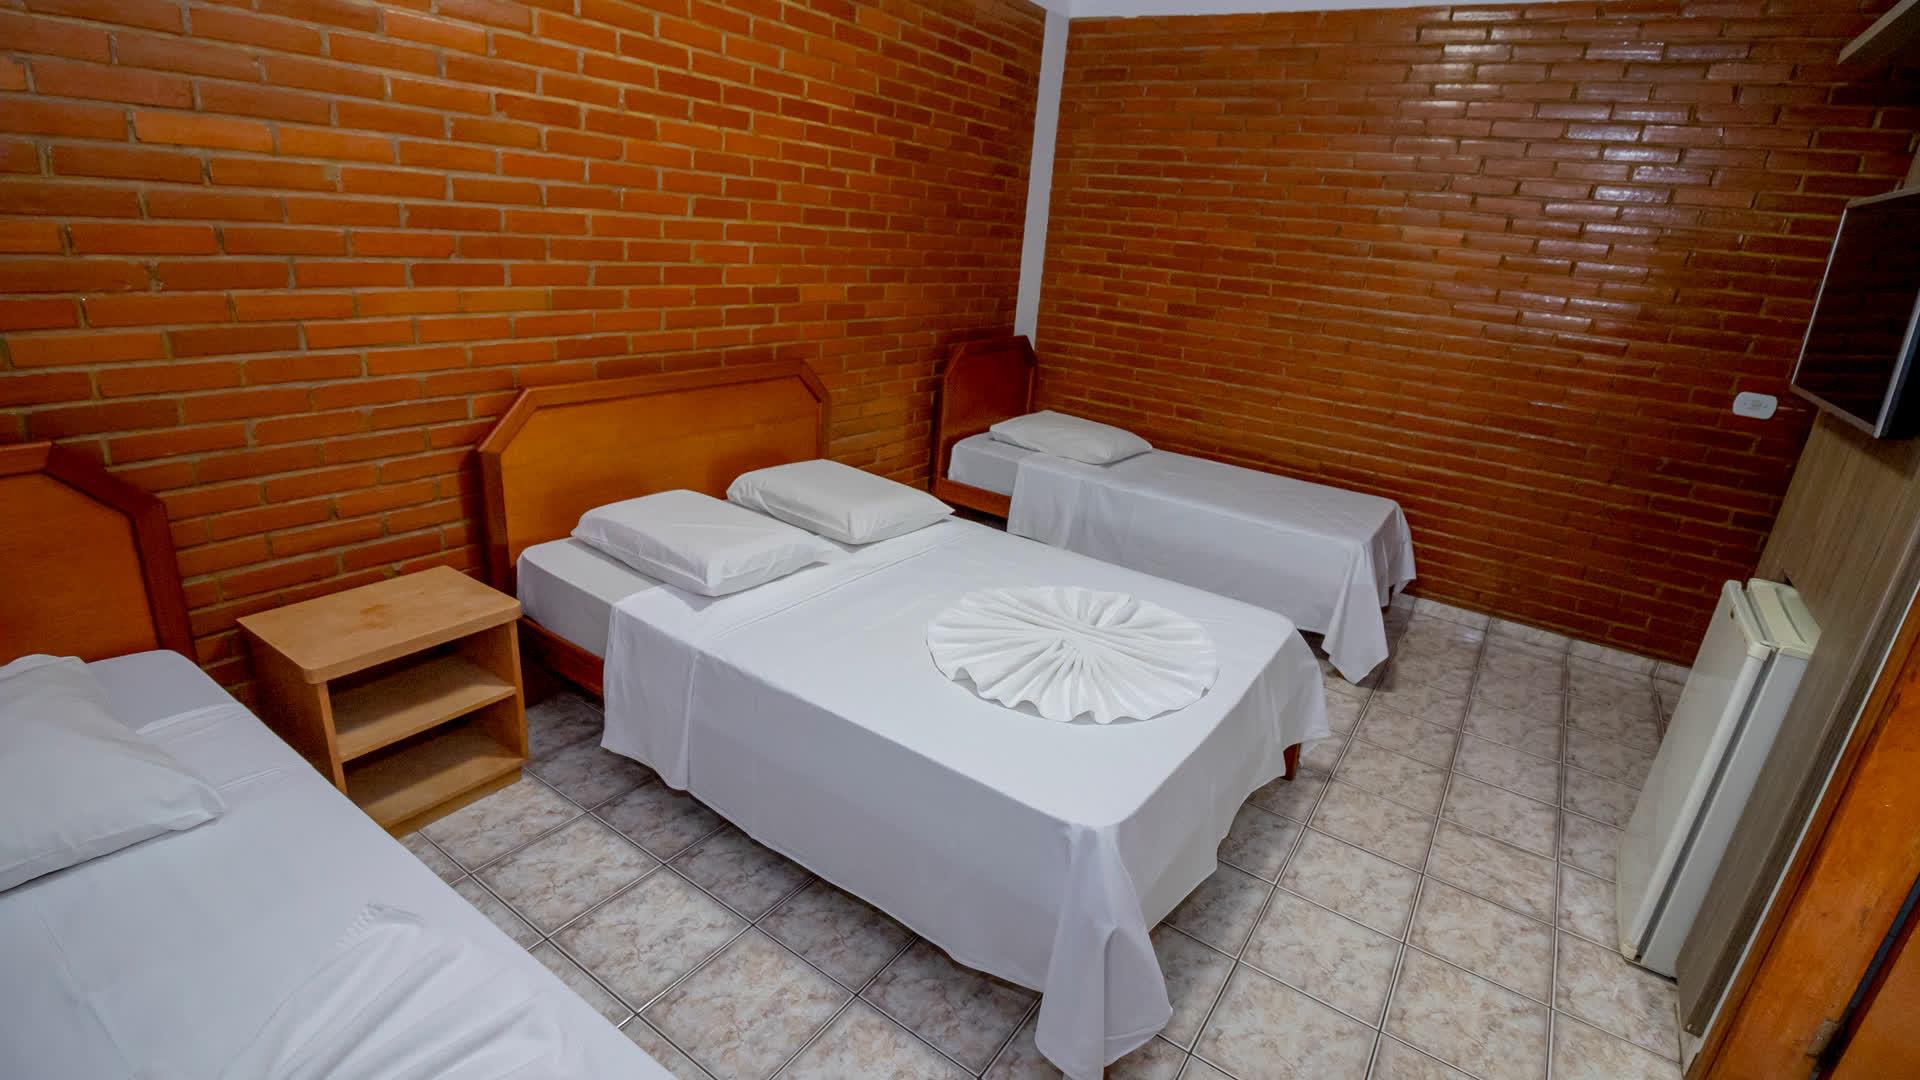 Conheça nossos quartos | Pousada Recanto das Caldas